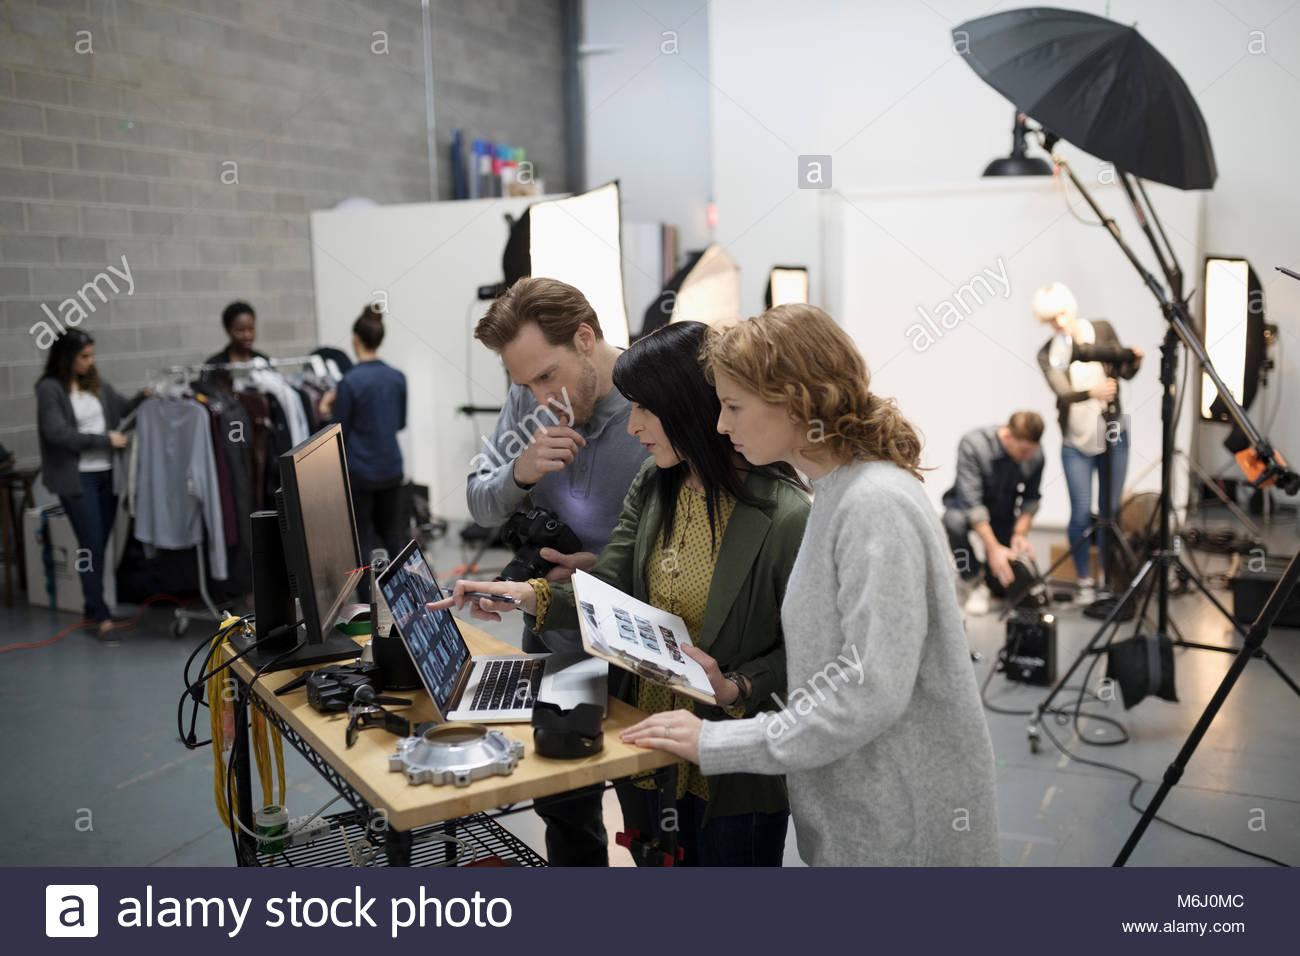 Fotografo e team di produzione la preparazione di foto riprese in studio Immagini Stock